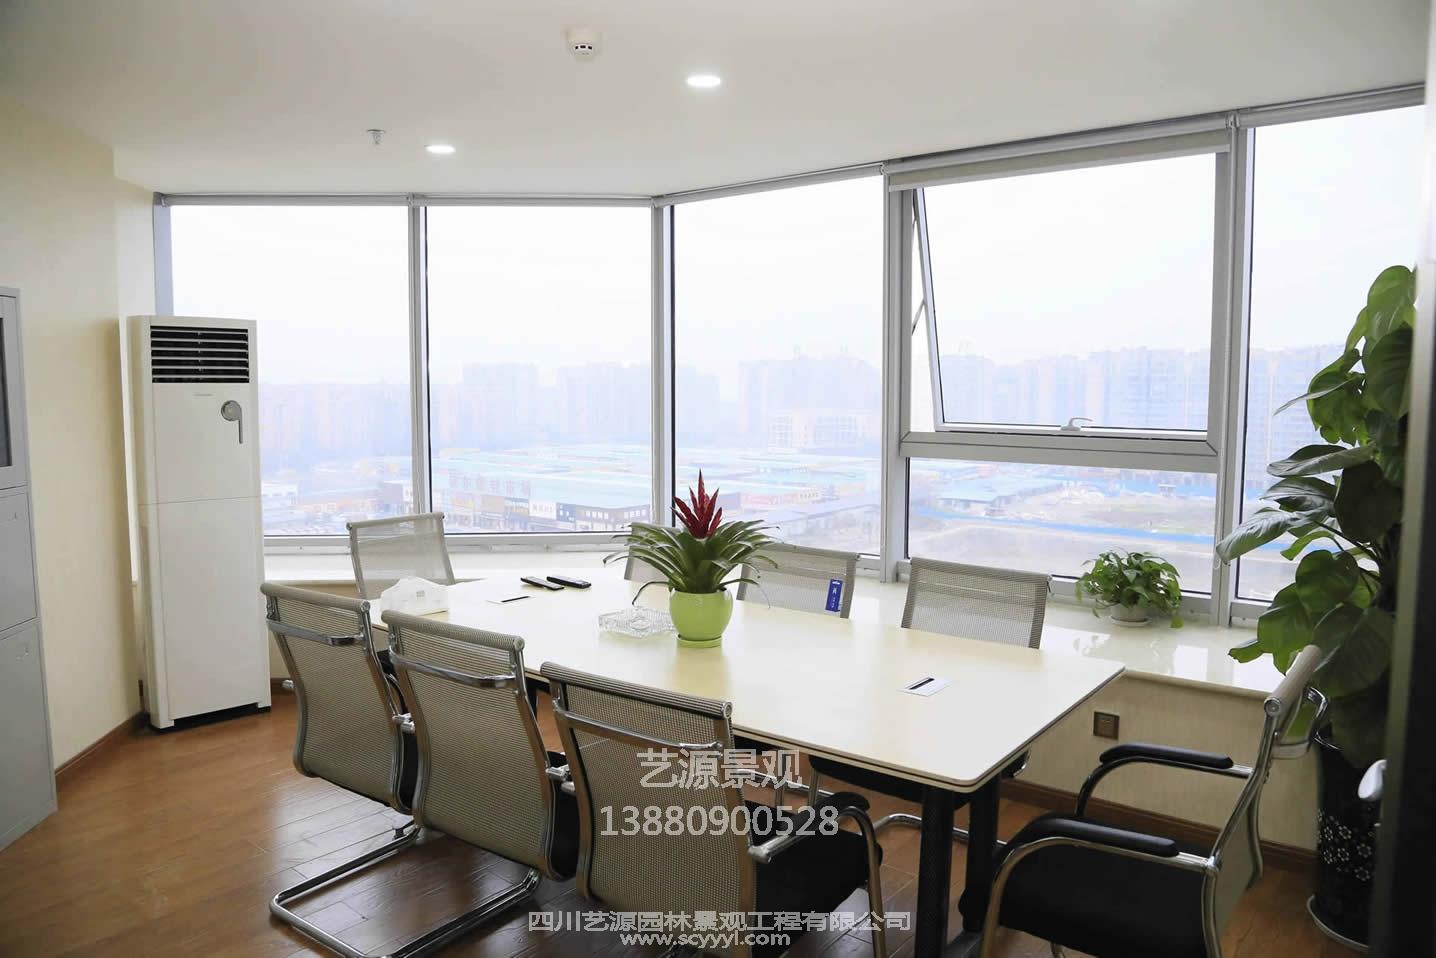 四川塑石假山企业风采展示